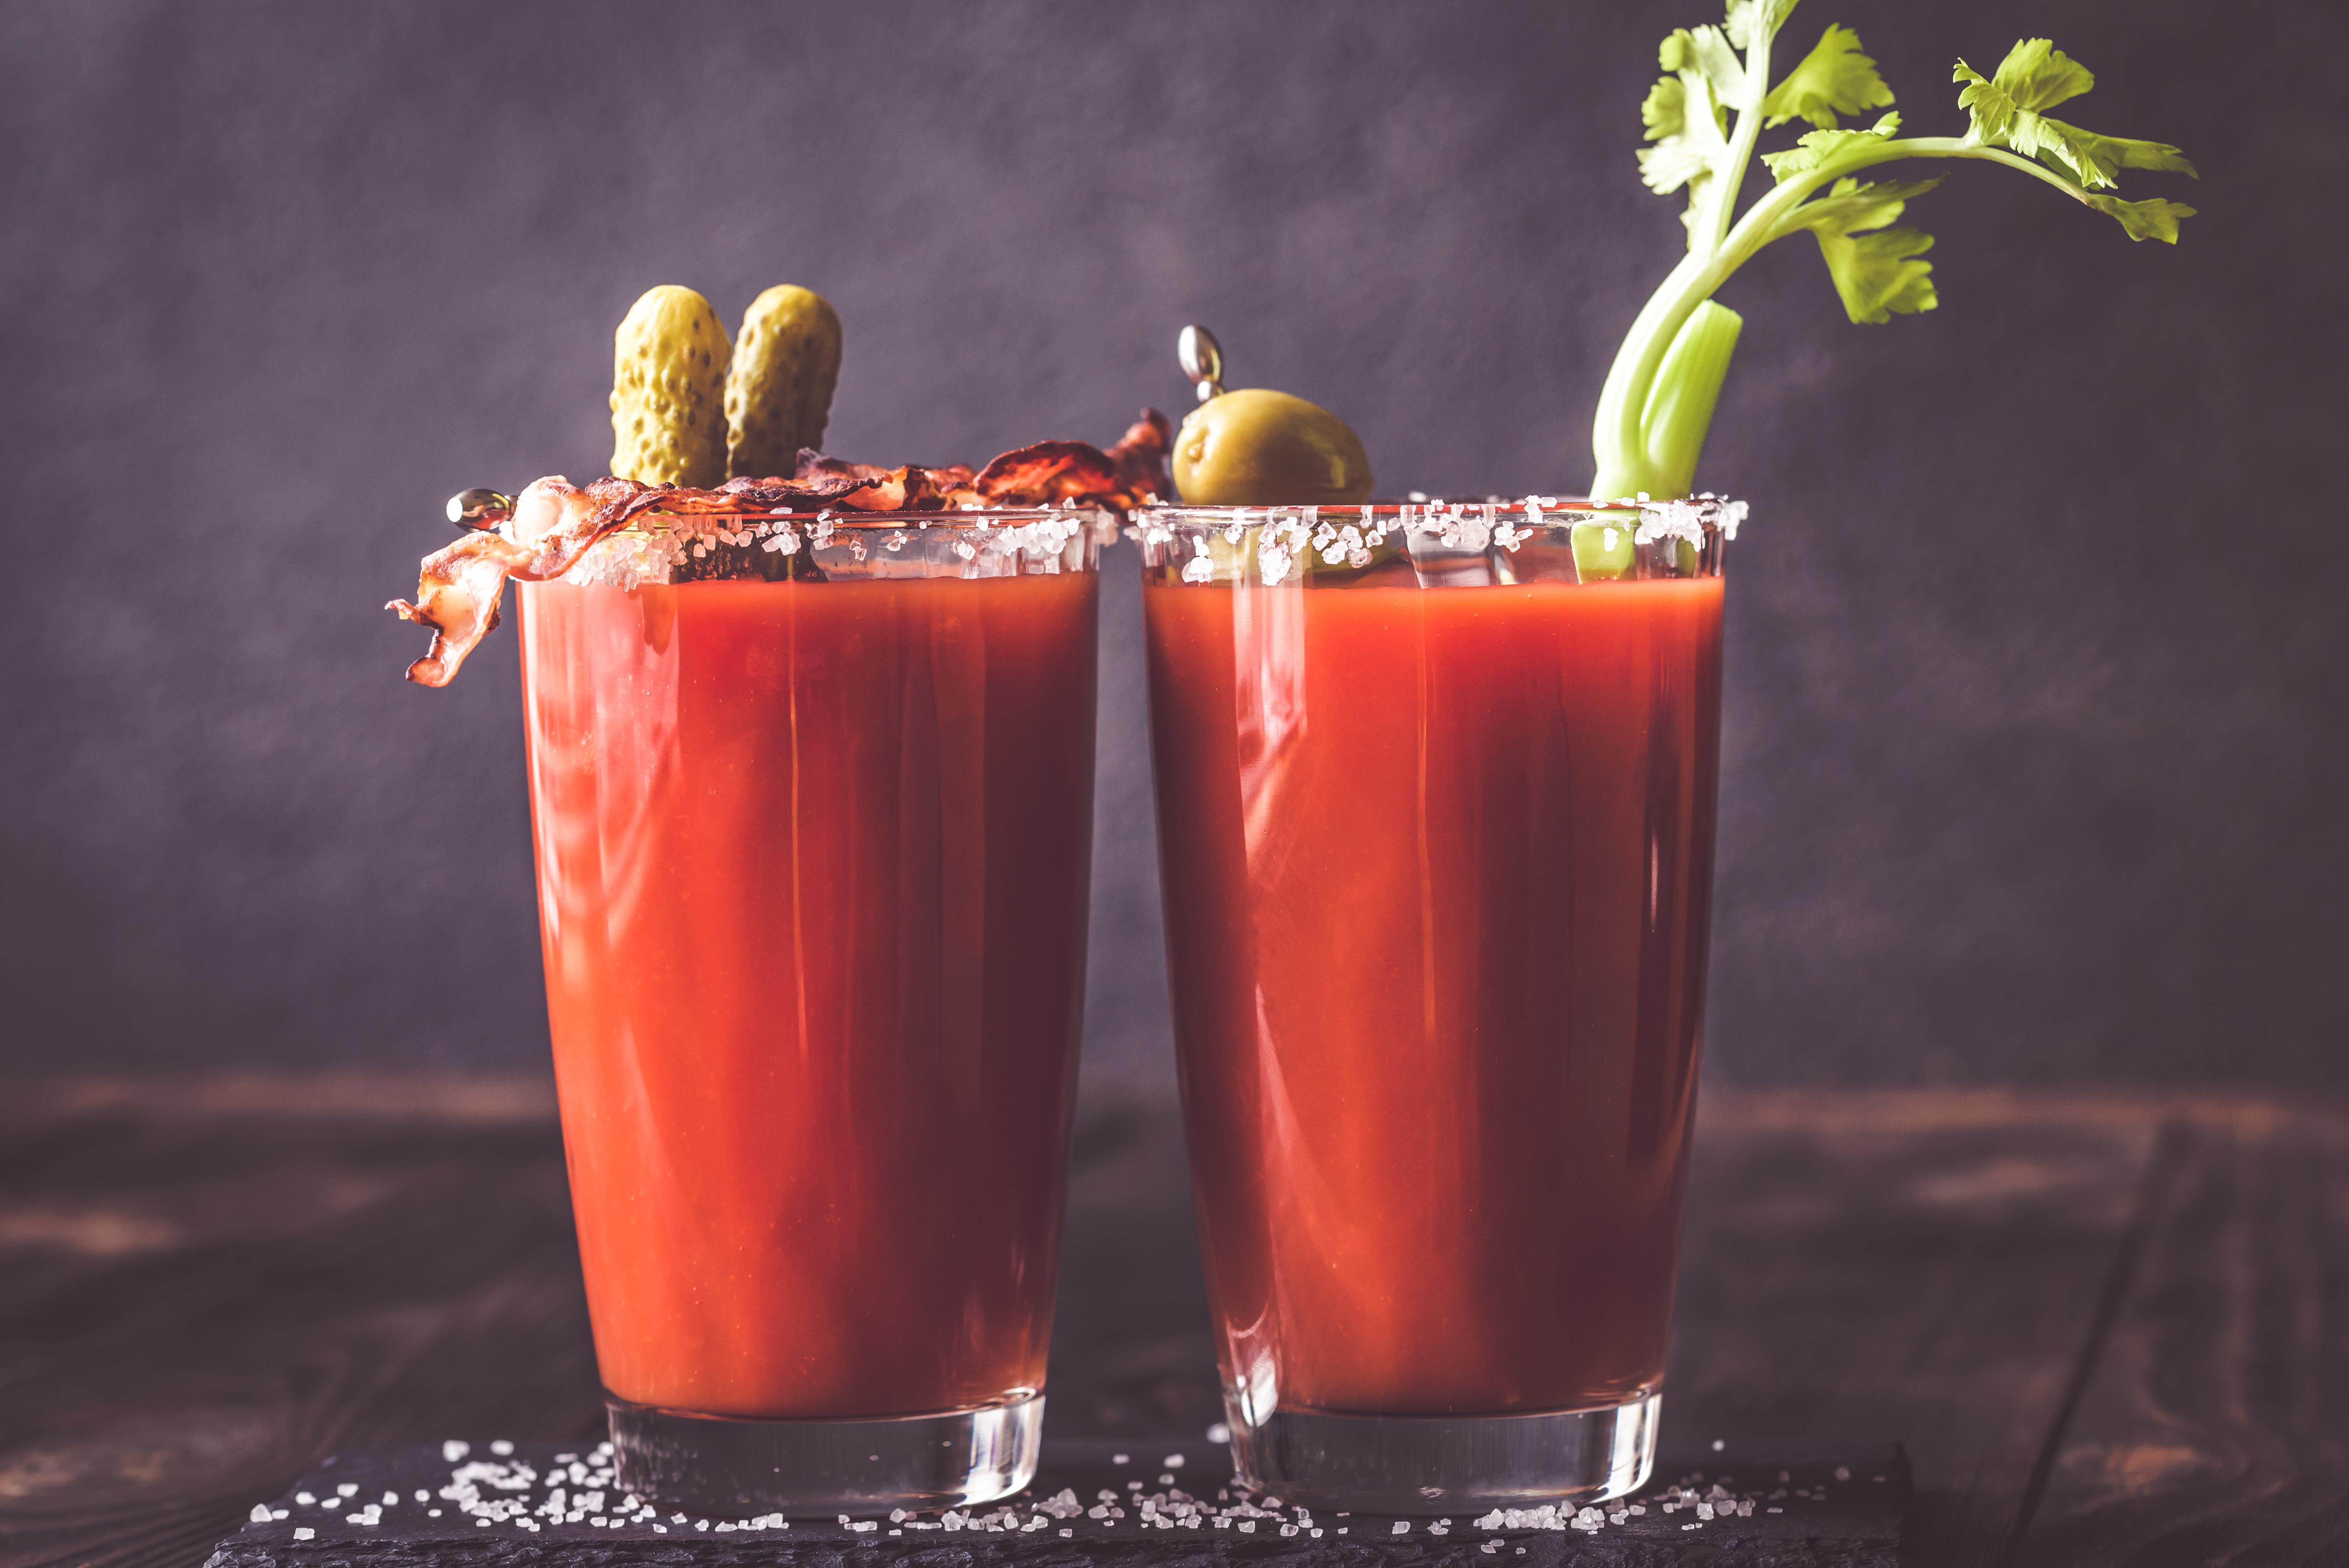 בלאדי מרי - ההיסטוריה של המשקה ומתכון למשקה המפורסם